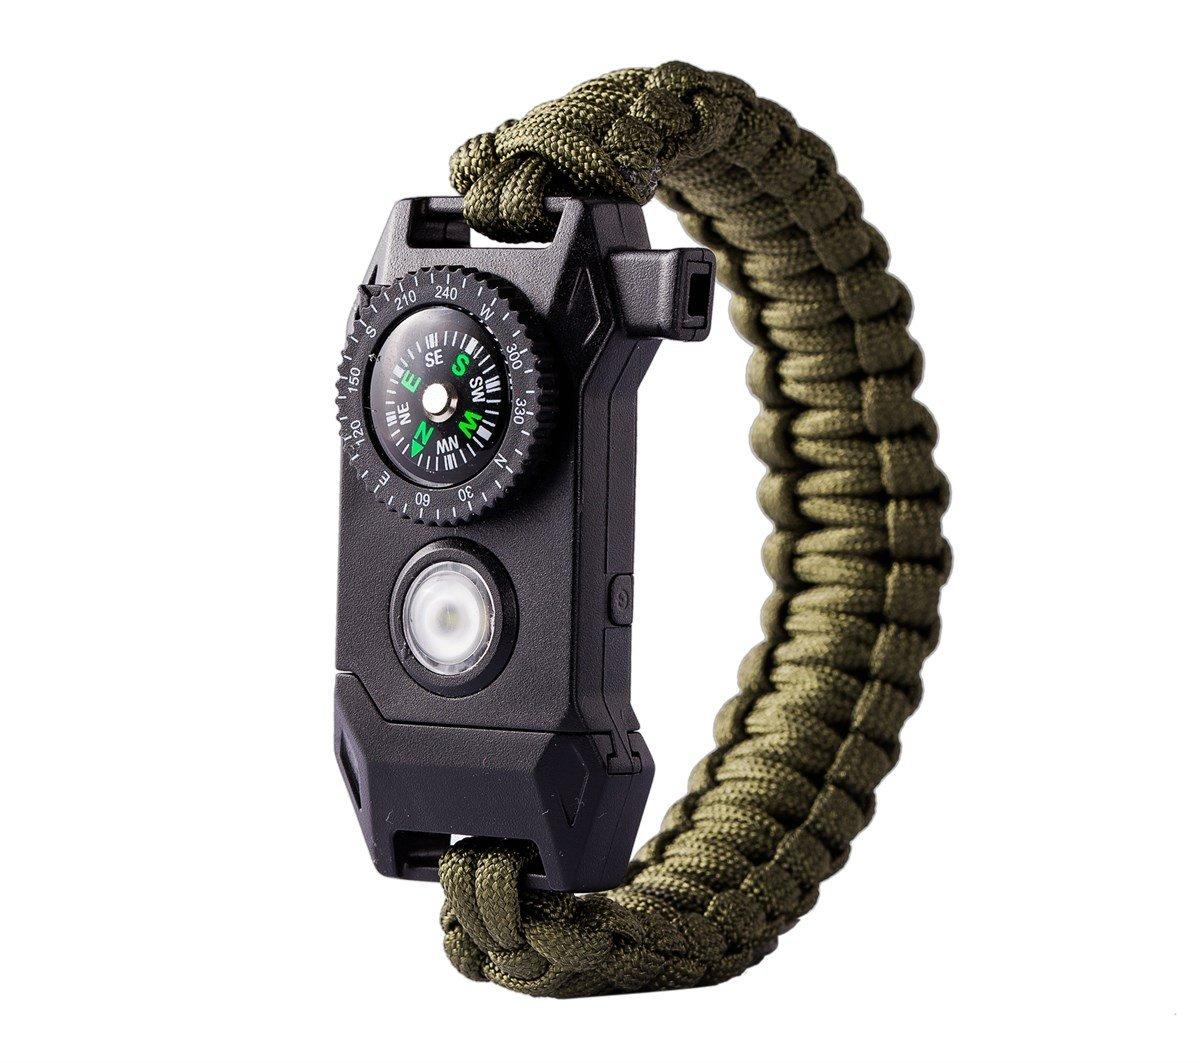 Image of Flashlight Multi Tool Survival Bracelet SOS